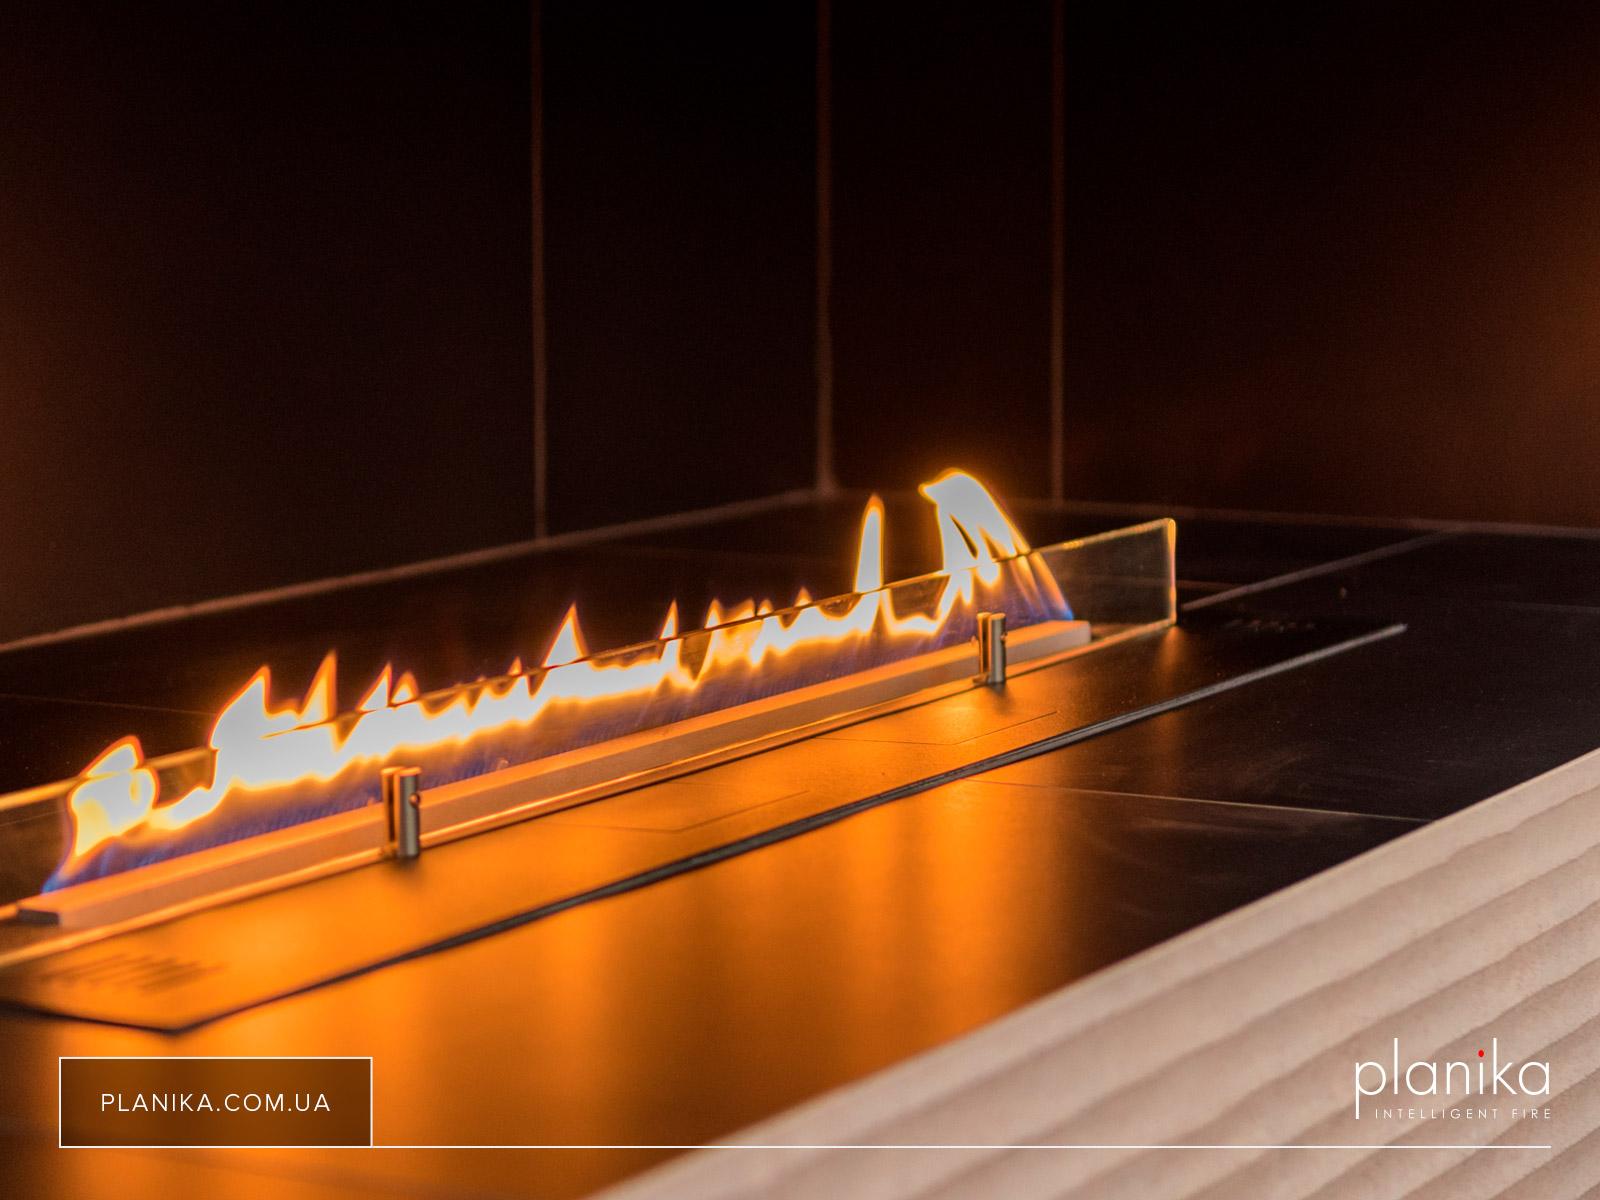 Биокамин Planika Fire Line Automatic 2 в нише облицованной плиткой